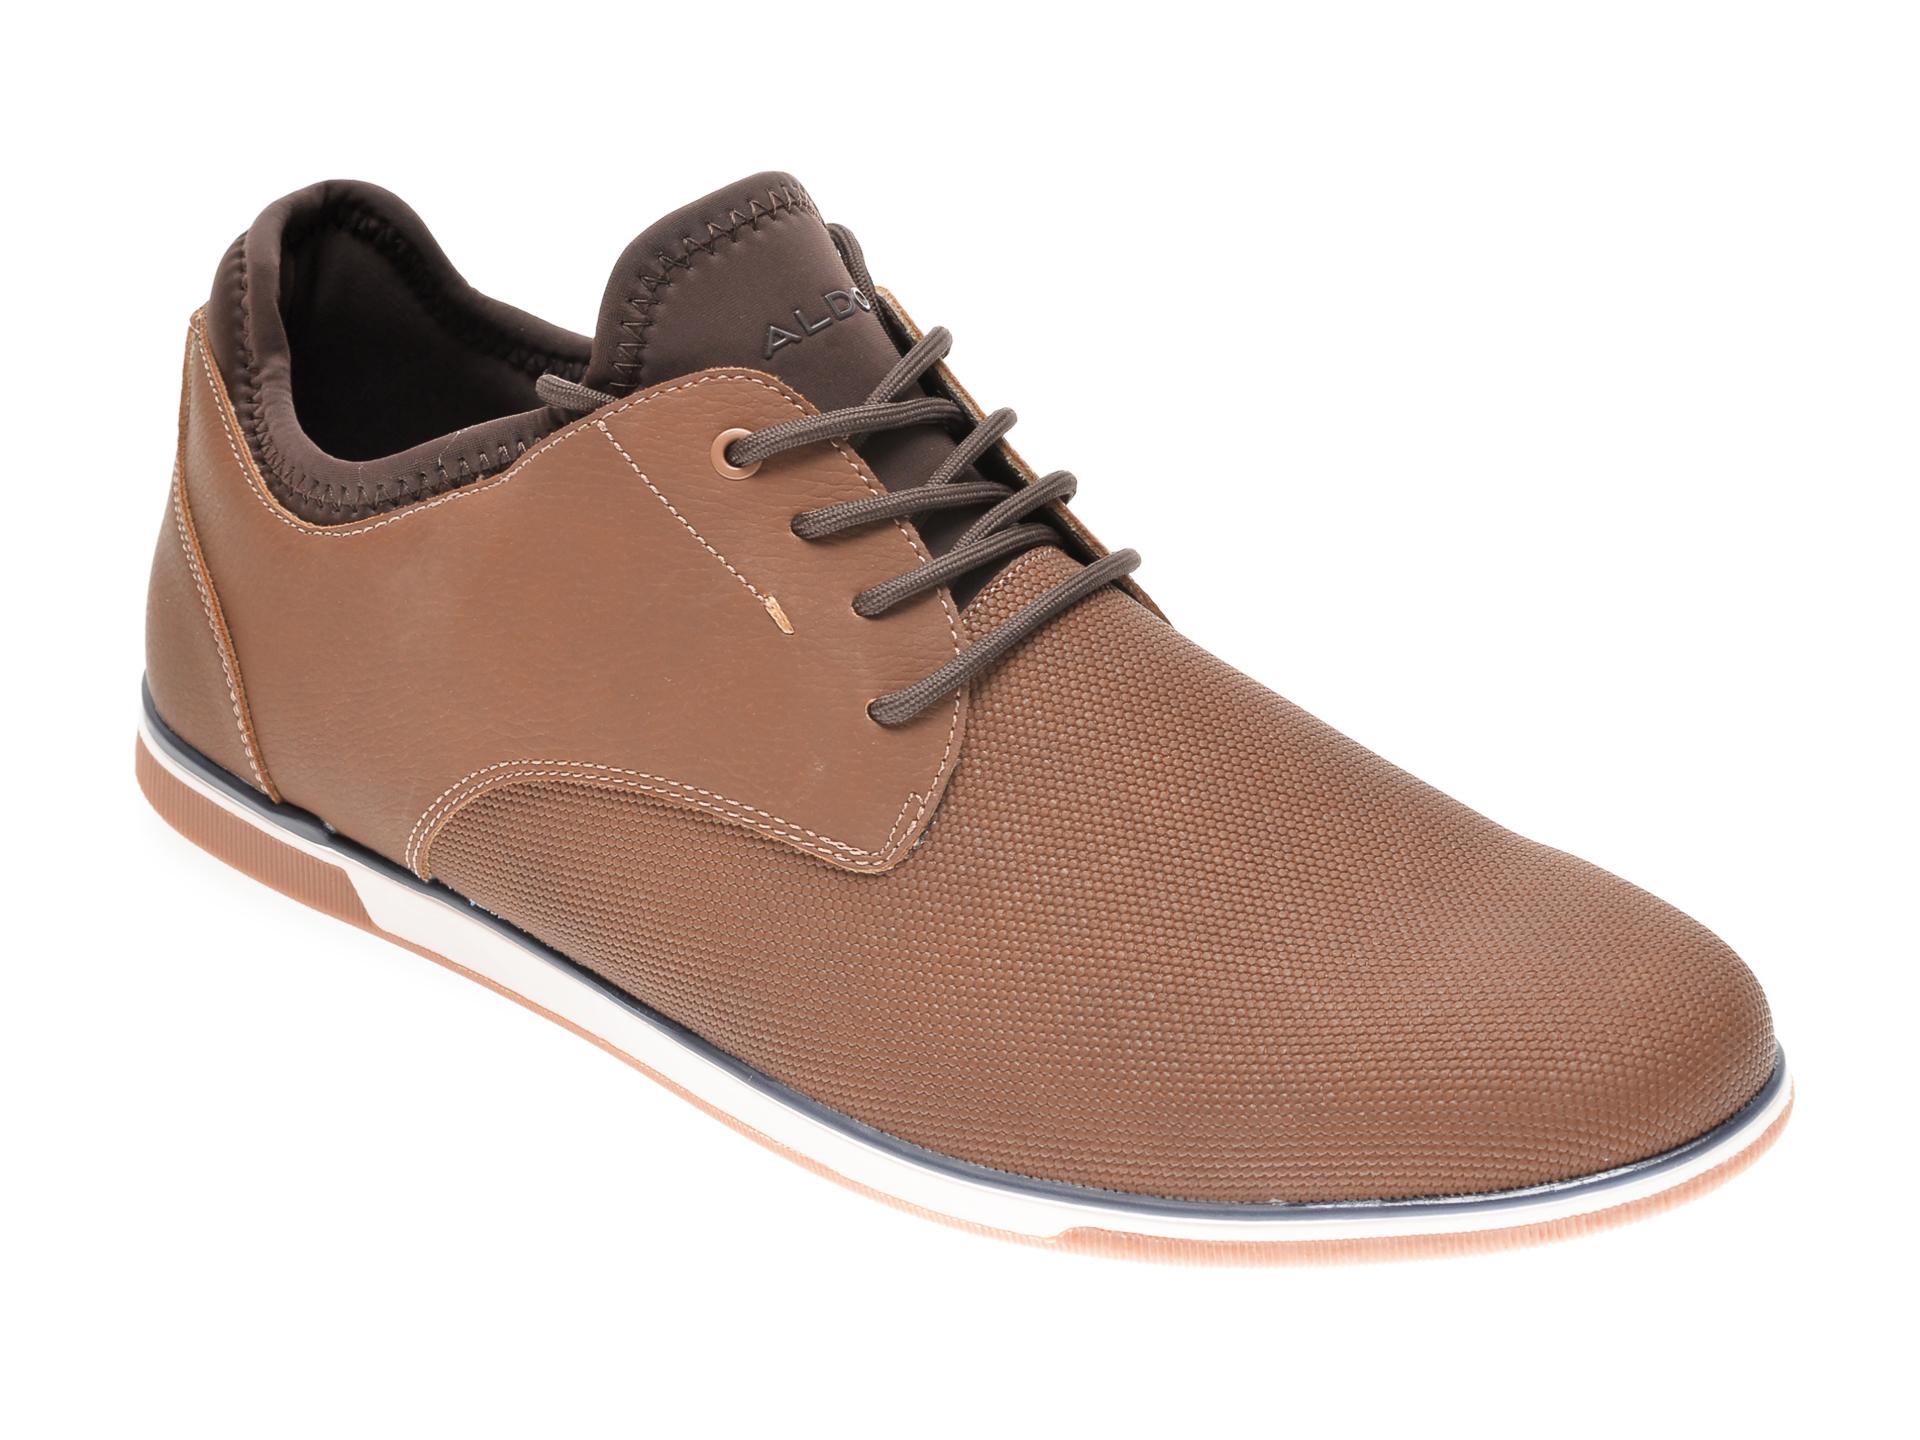 Pantofi Aldo Maro, Reid220, Din Piele Ecologica